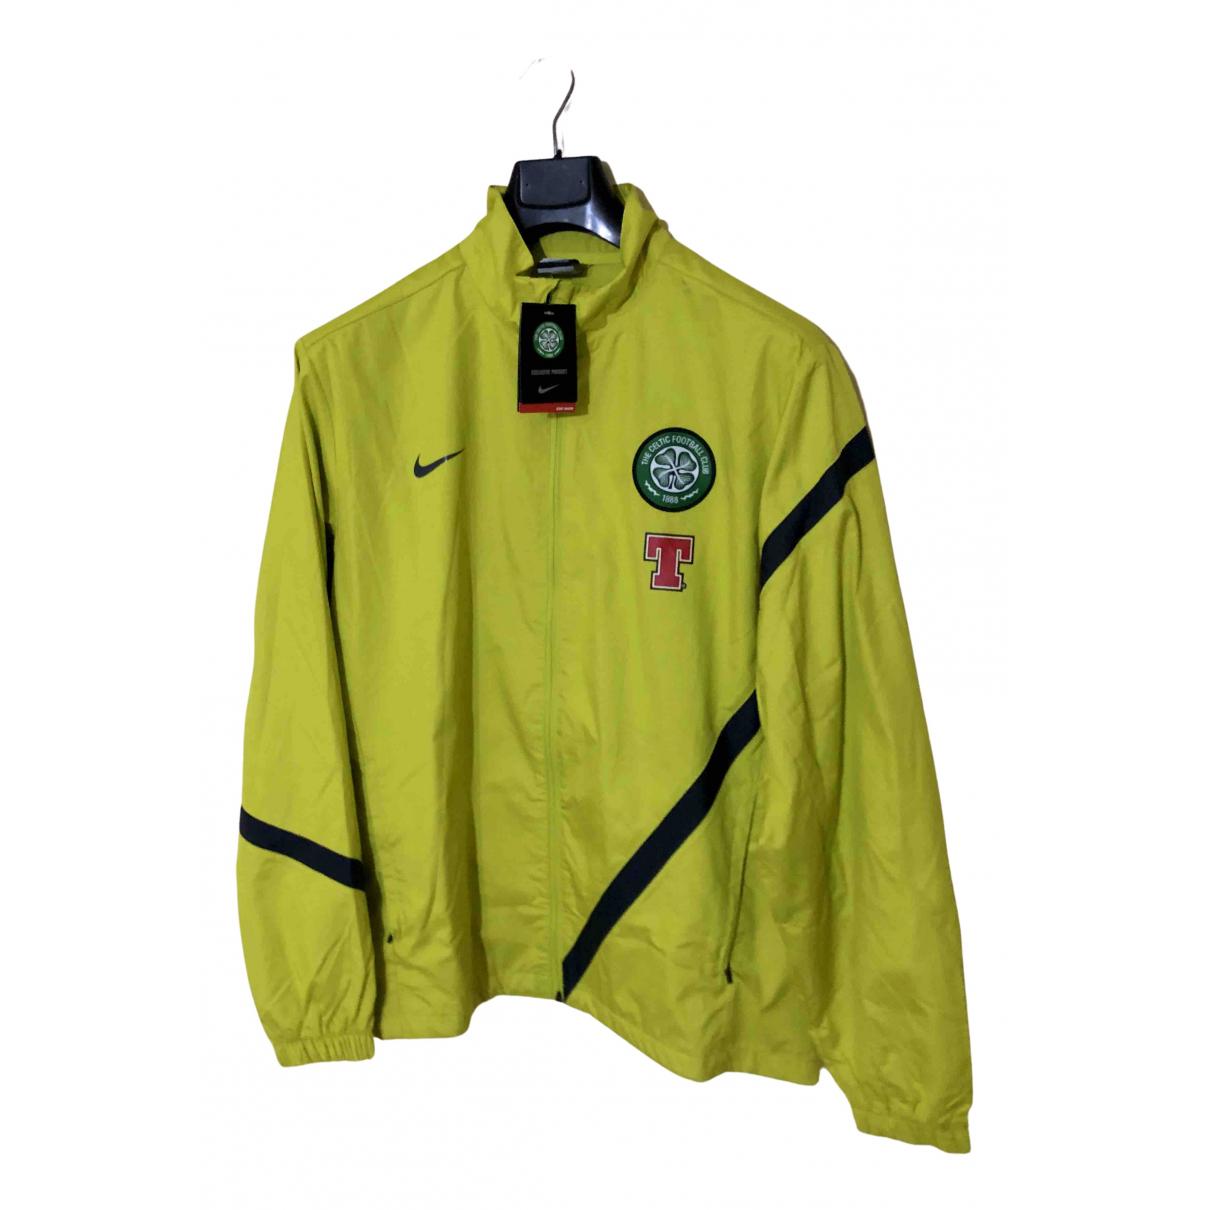 Nike \N Jacke in  Gelb Polyester